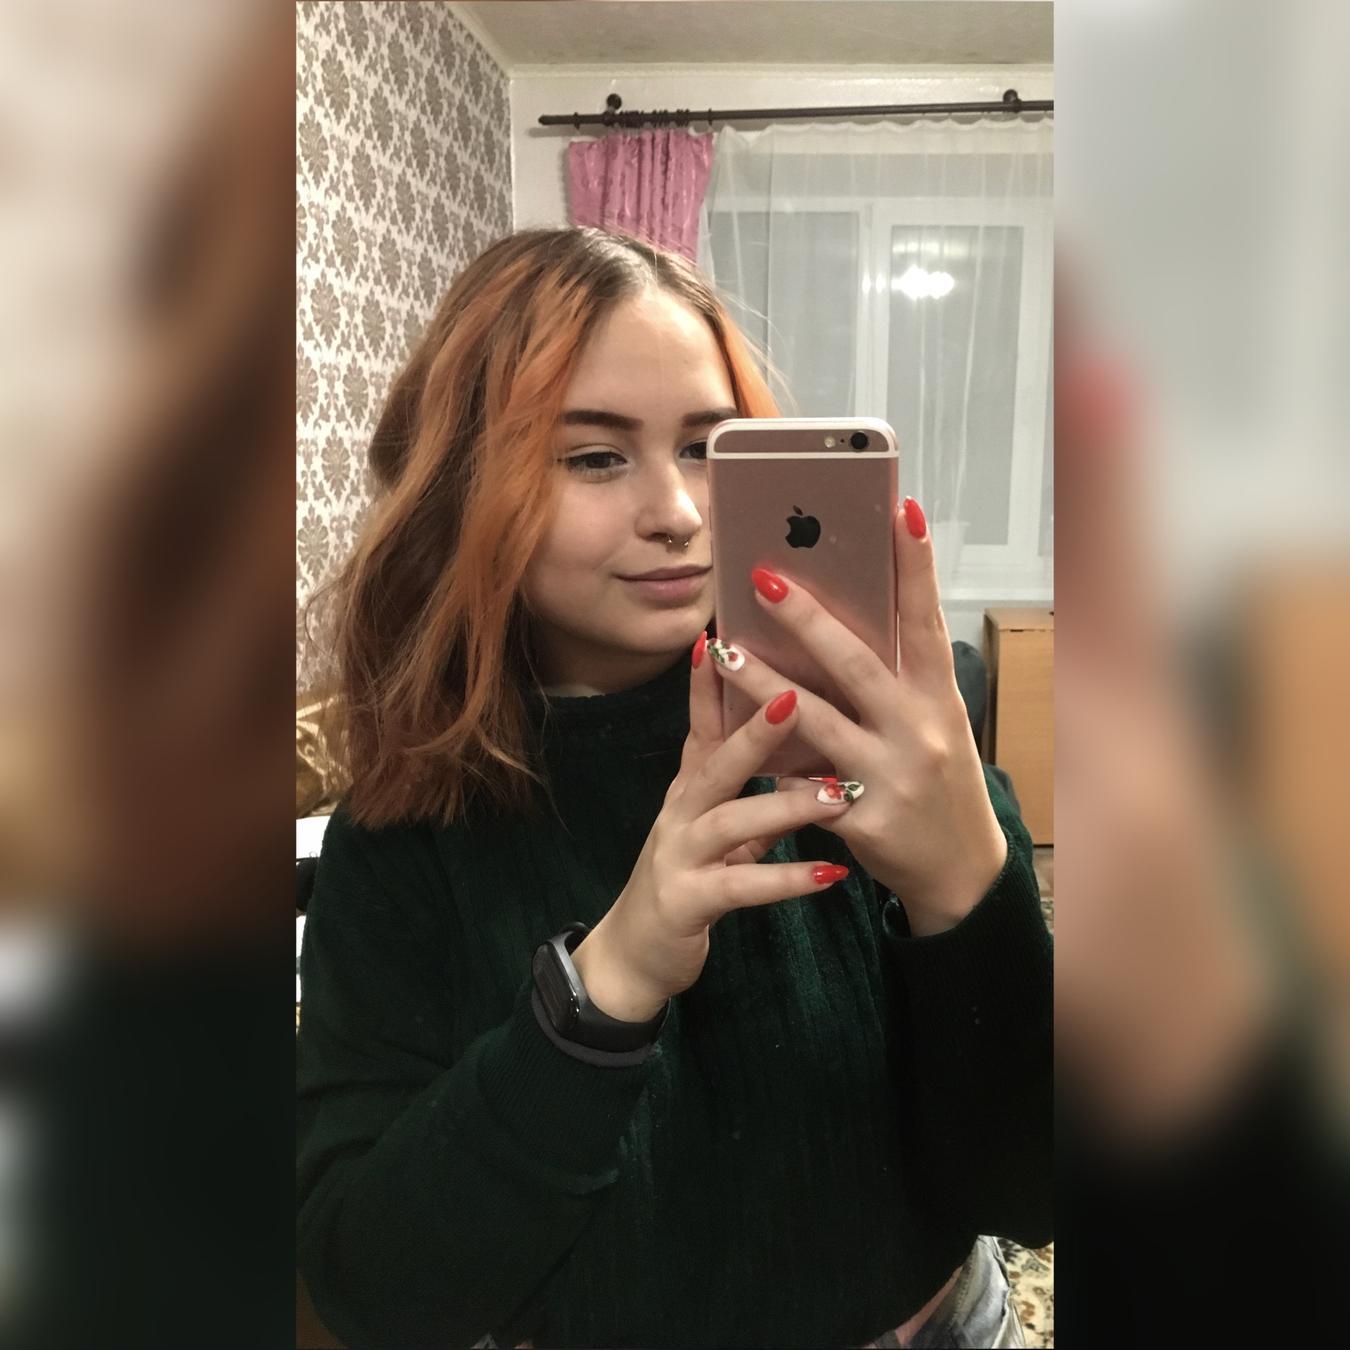 Afbeelding met tags:Echte, Interessant, Meisje, Mededeling, Colored hair